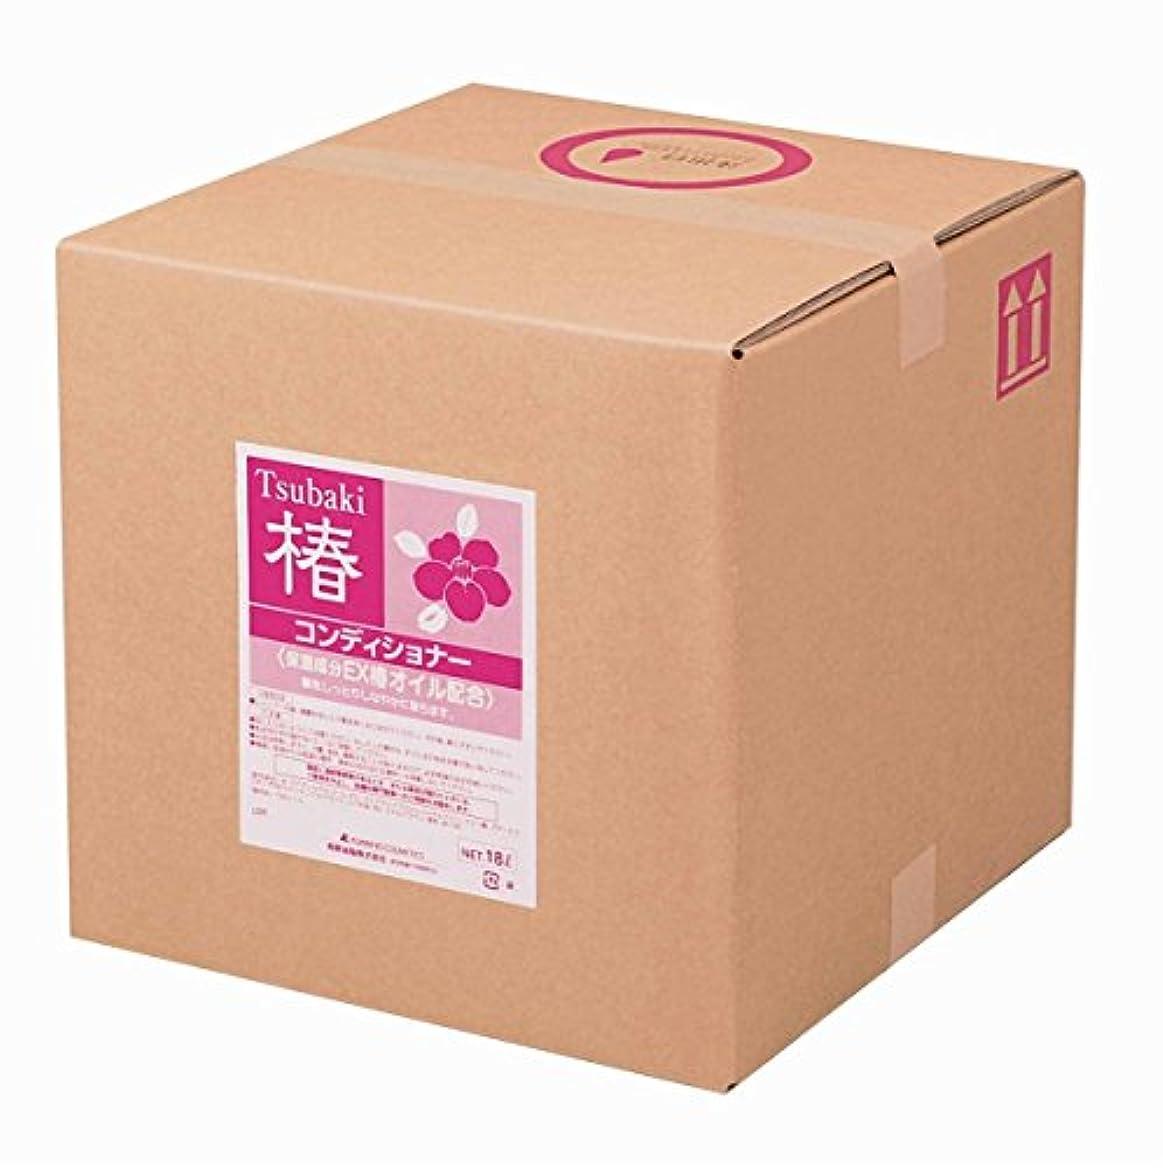 レジデンス気配りのある支給熊野油脂 業務用 椿 コンディショナー 18L